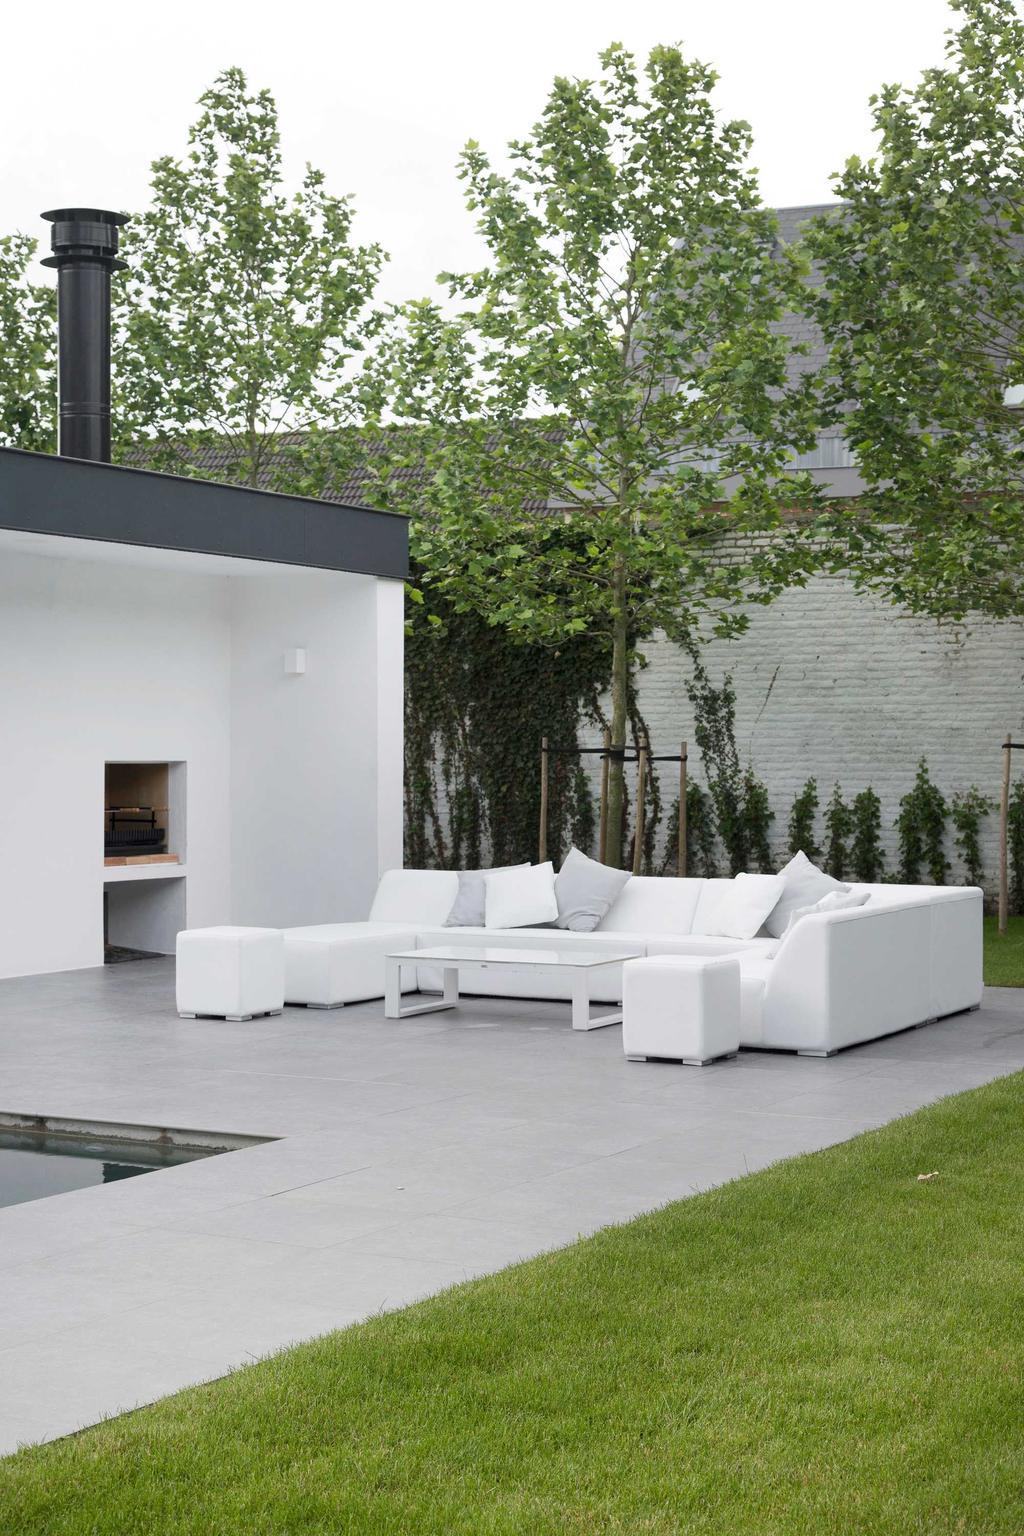 poolhouse - architectuur